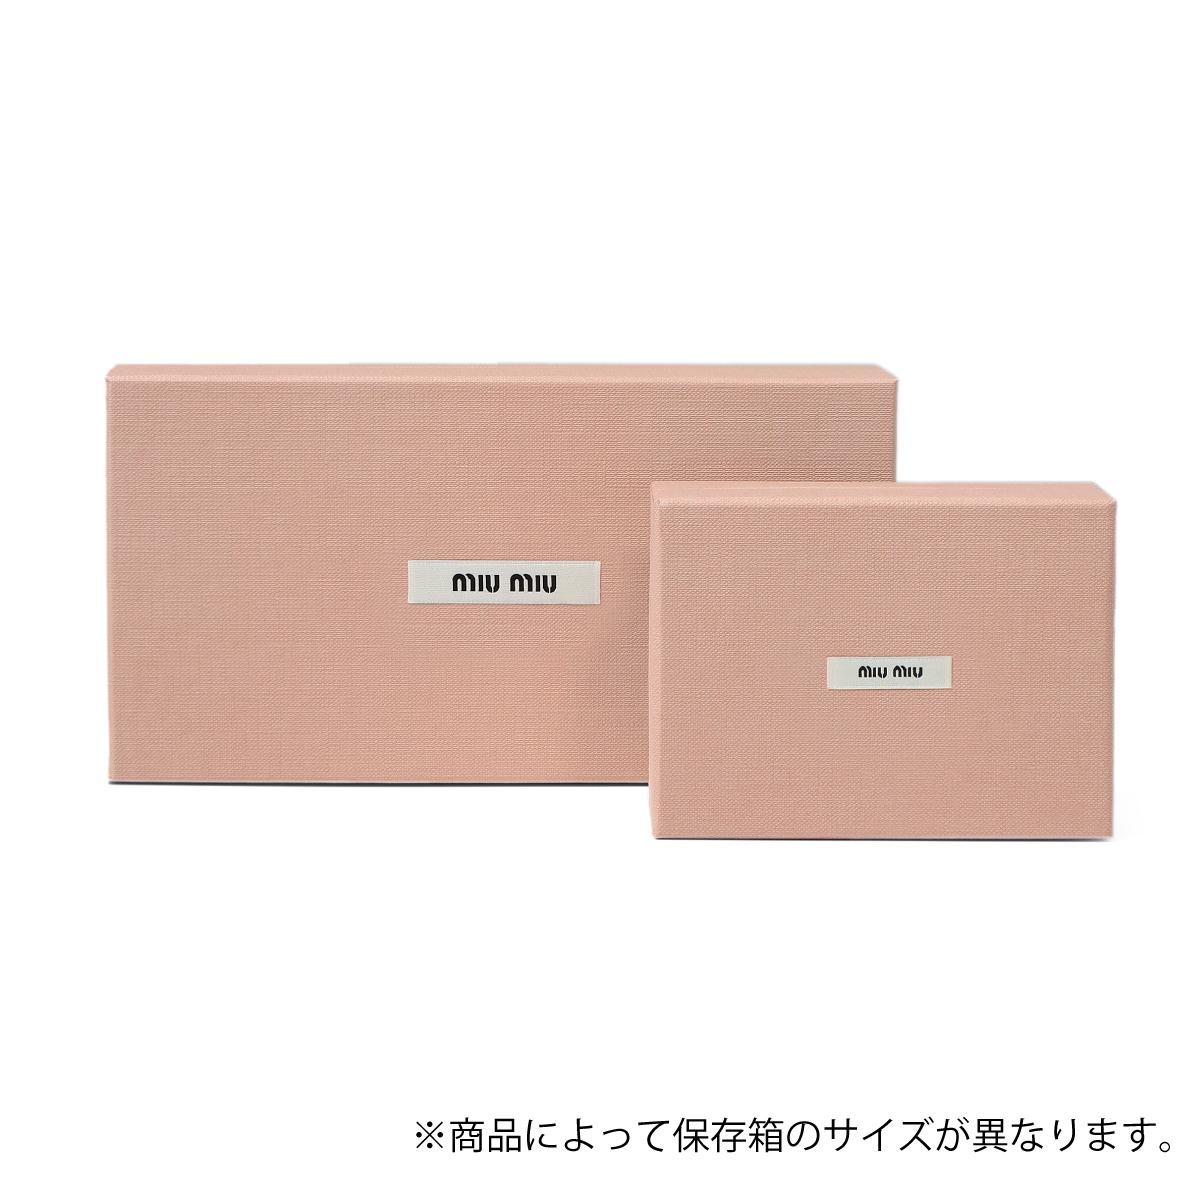 MIU MIU ミュウ ミュウ | iPhone12/12Proケース